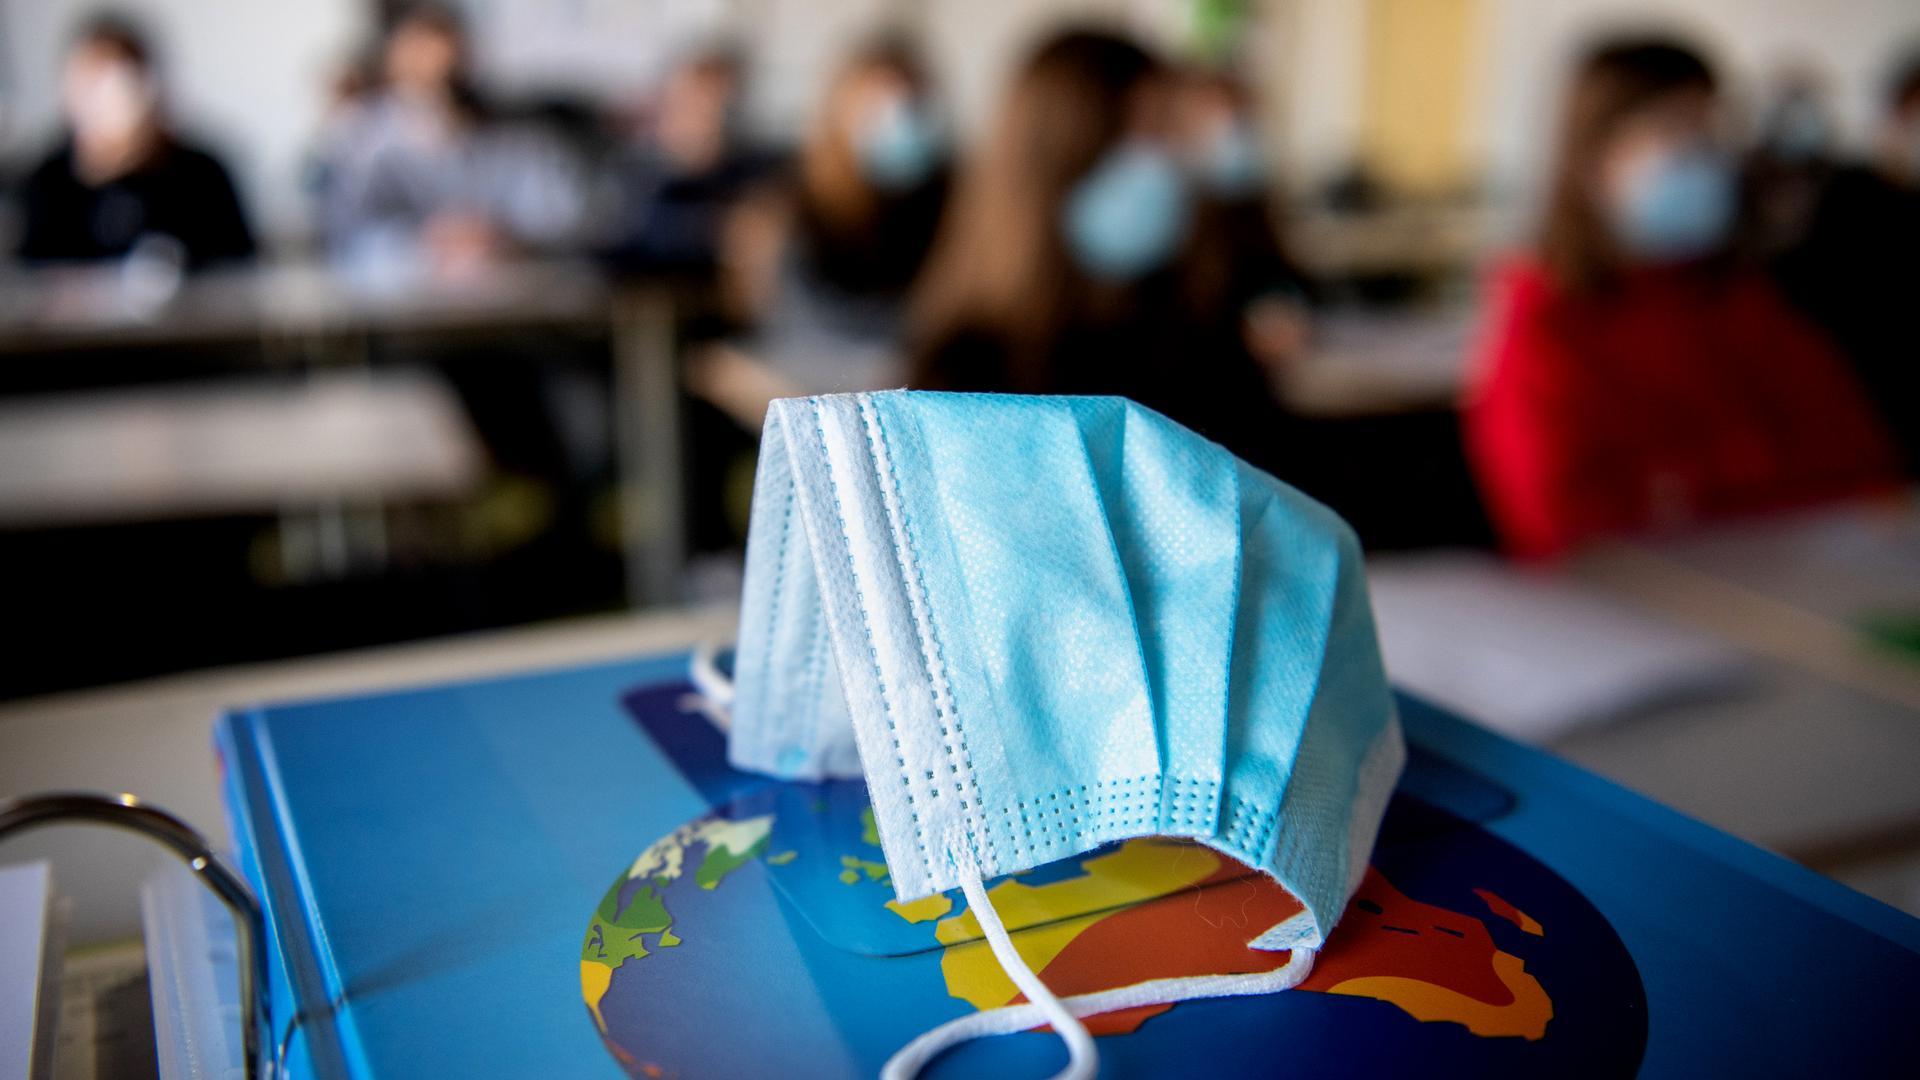 Für die ersten zwei Wochen nach den Sommerferien wird die Maskenpflicht in baden-württembergischen Schulen wieder eingeführt.